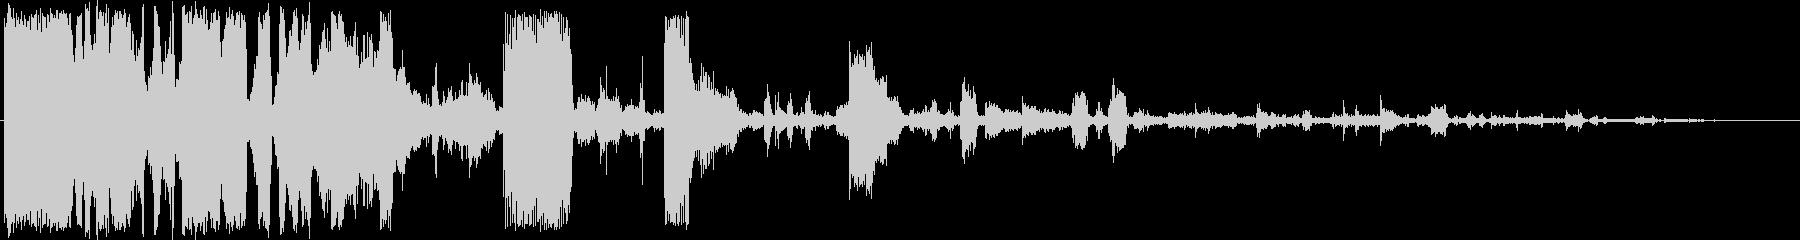 メカニックサウンドロゴの未再生の波形